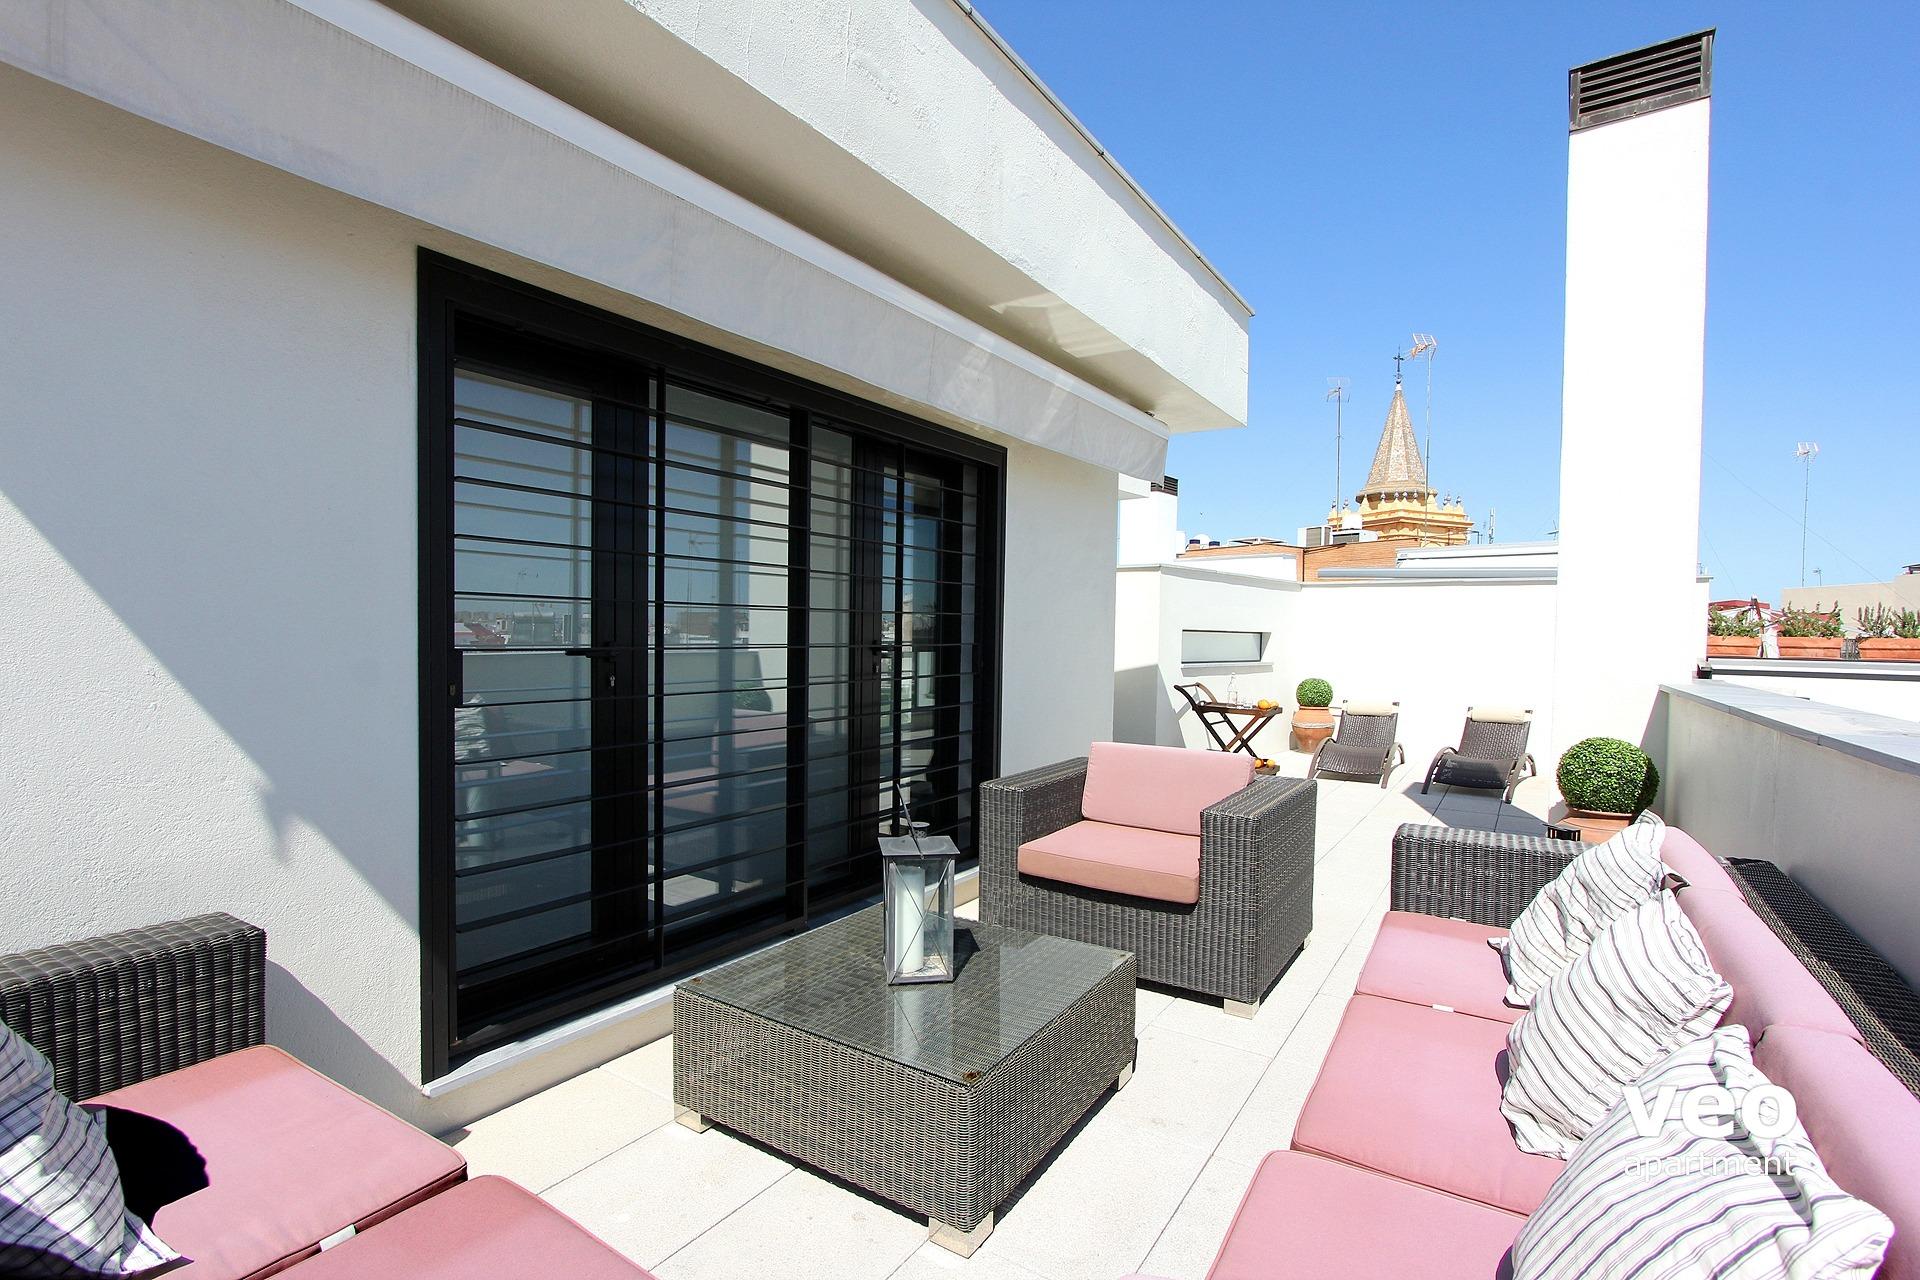 0392_corral-rey-terrace-1-03 Frais De Table Basse Qui Se Leve Des Idées